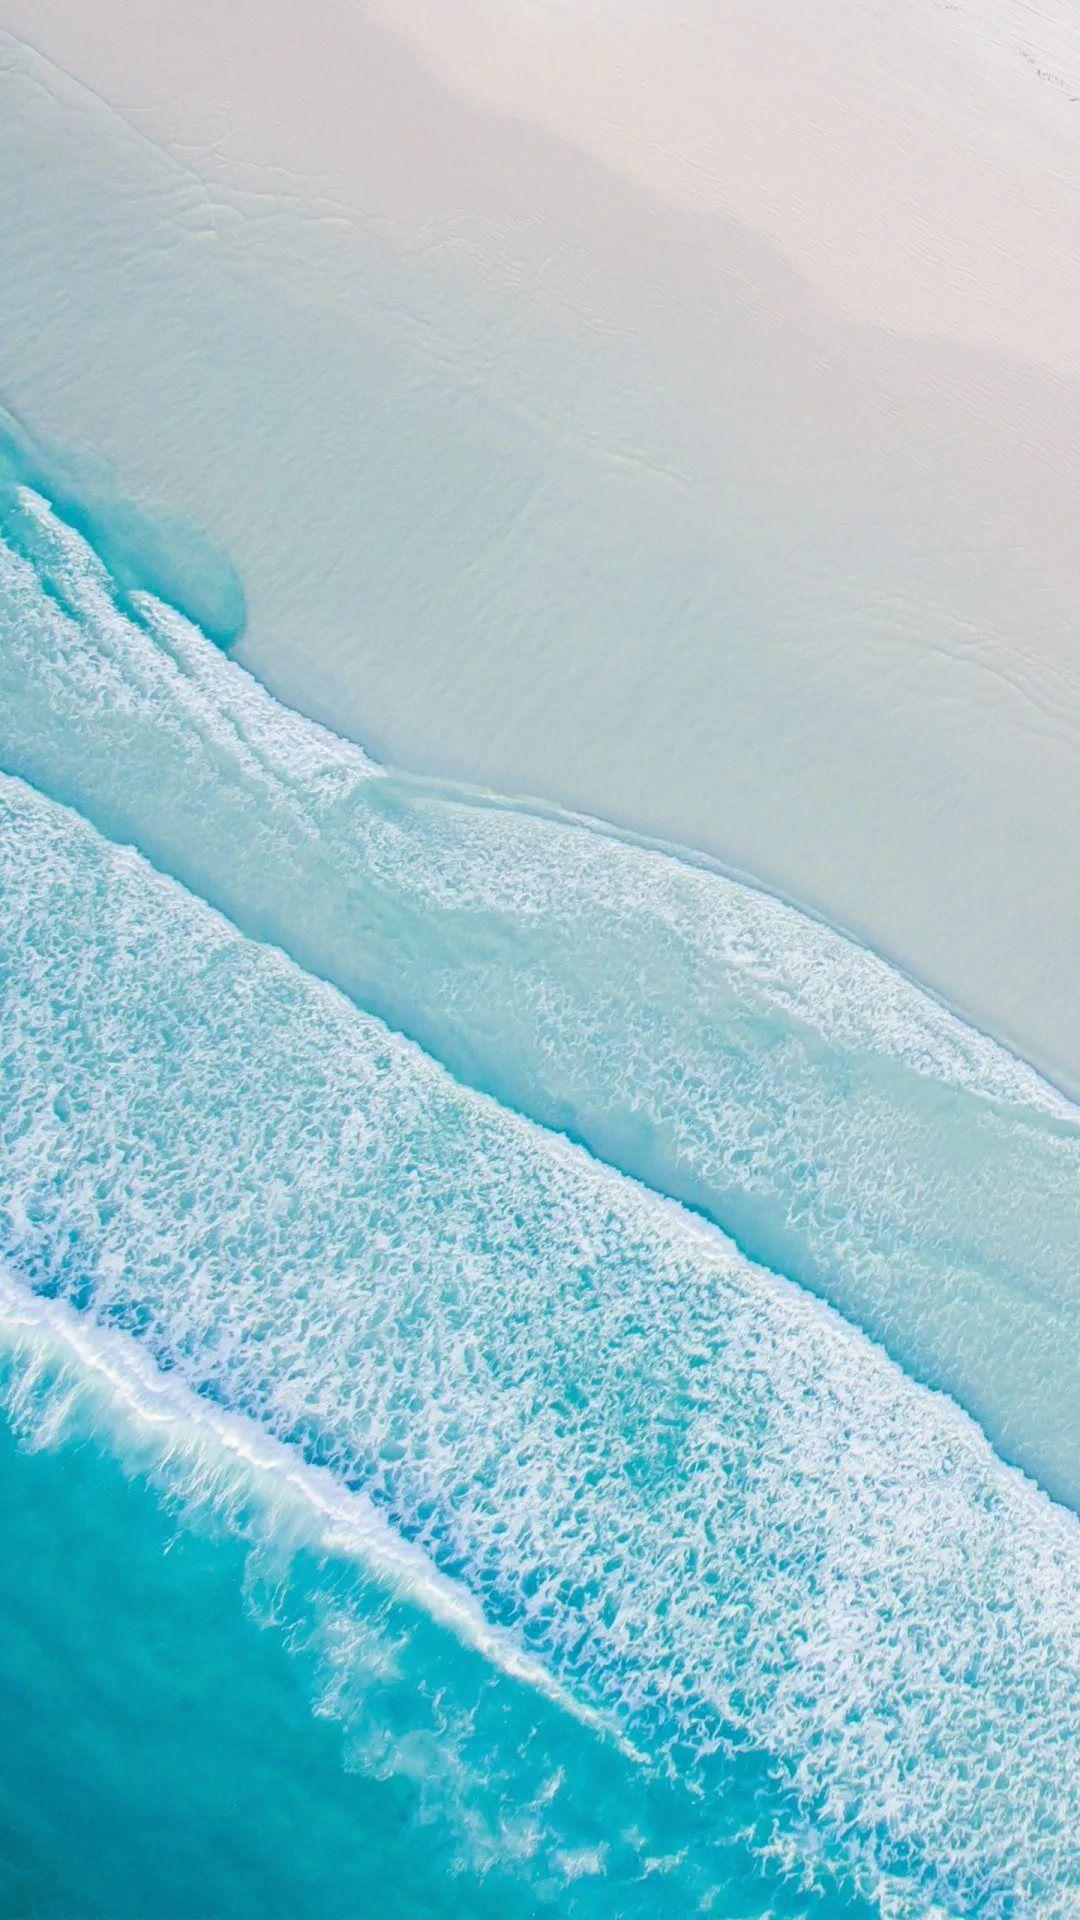 Beach Tumblr hd wallpaper